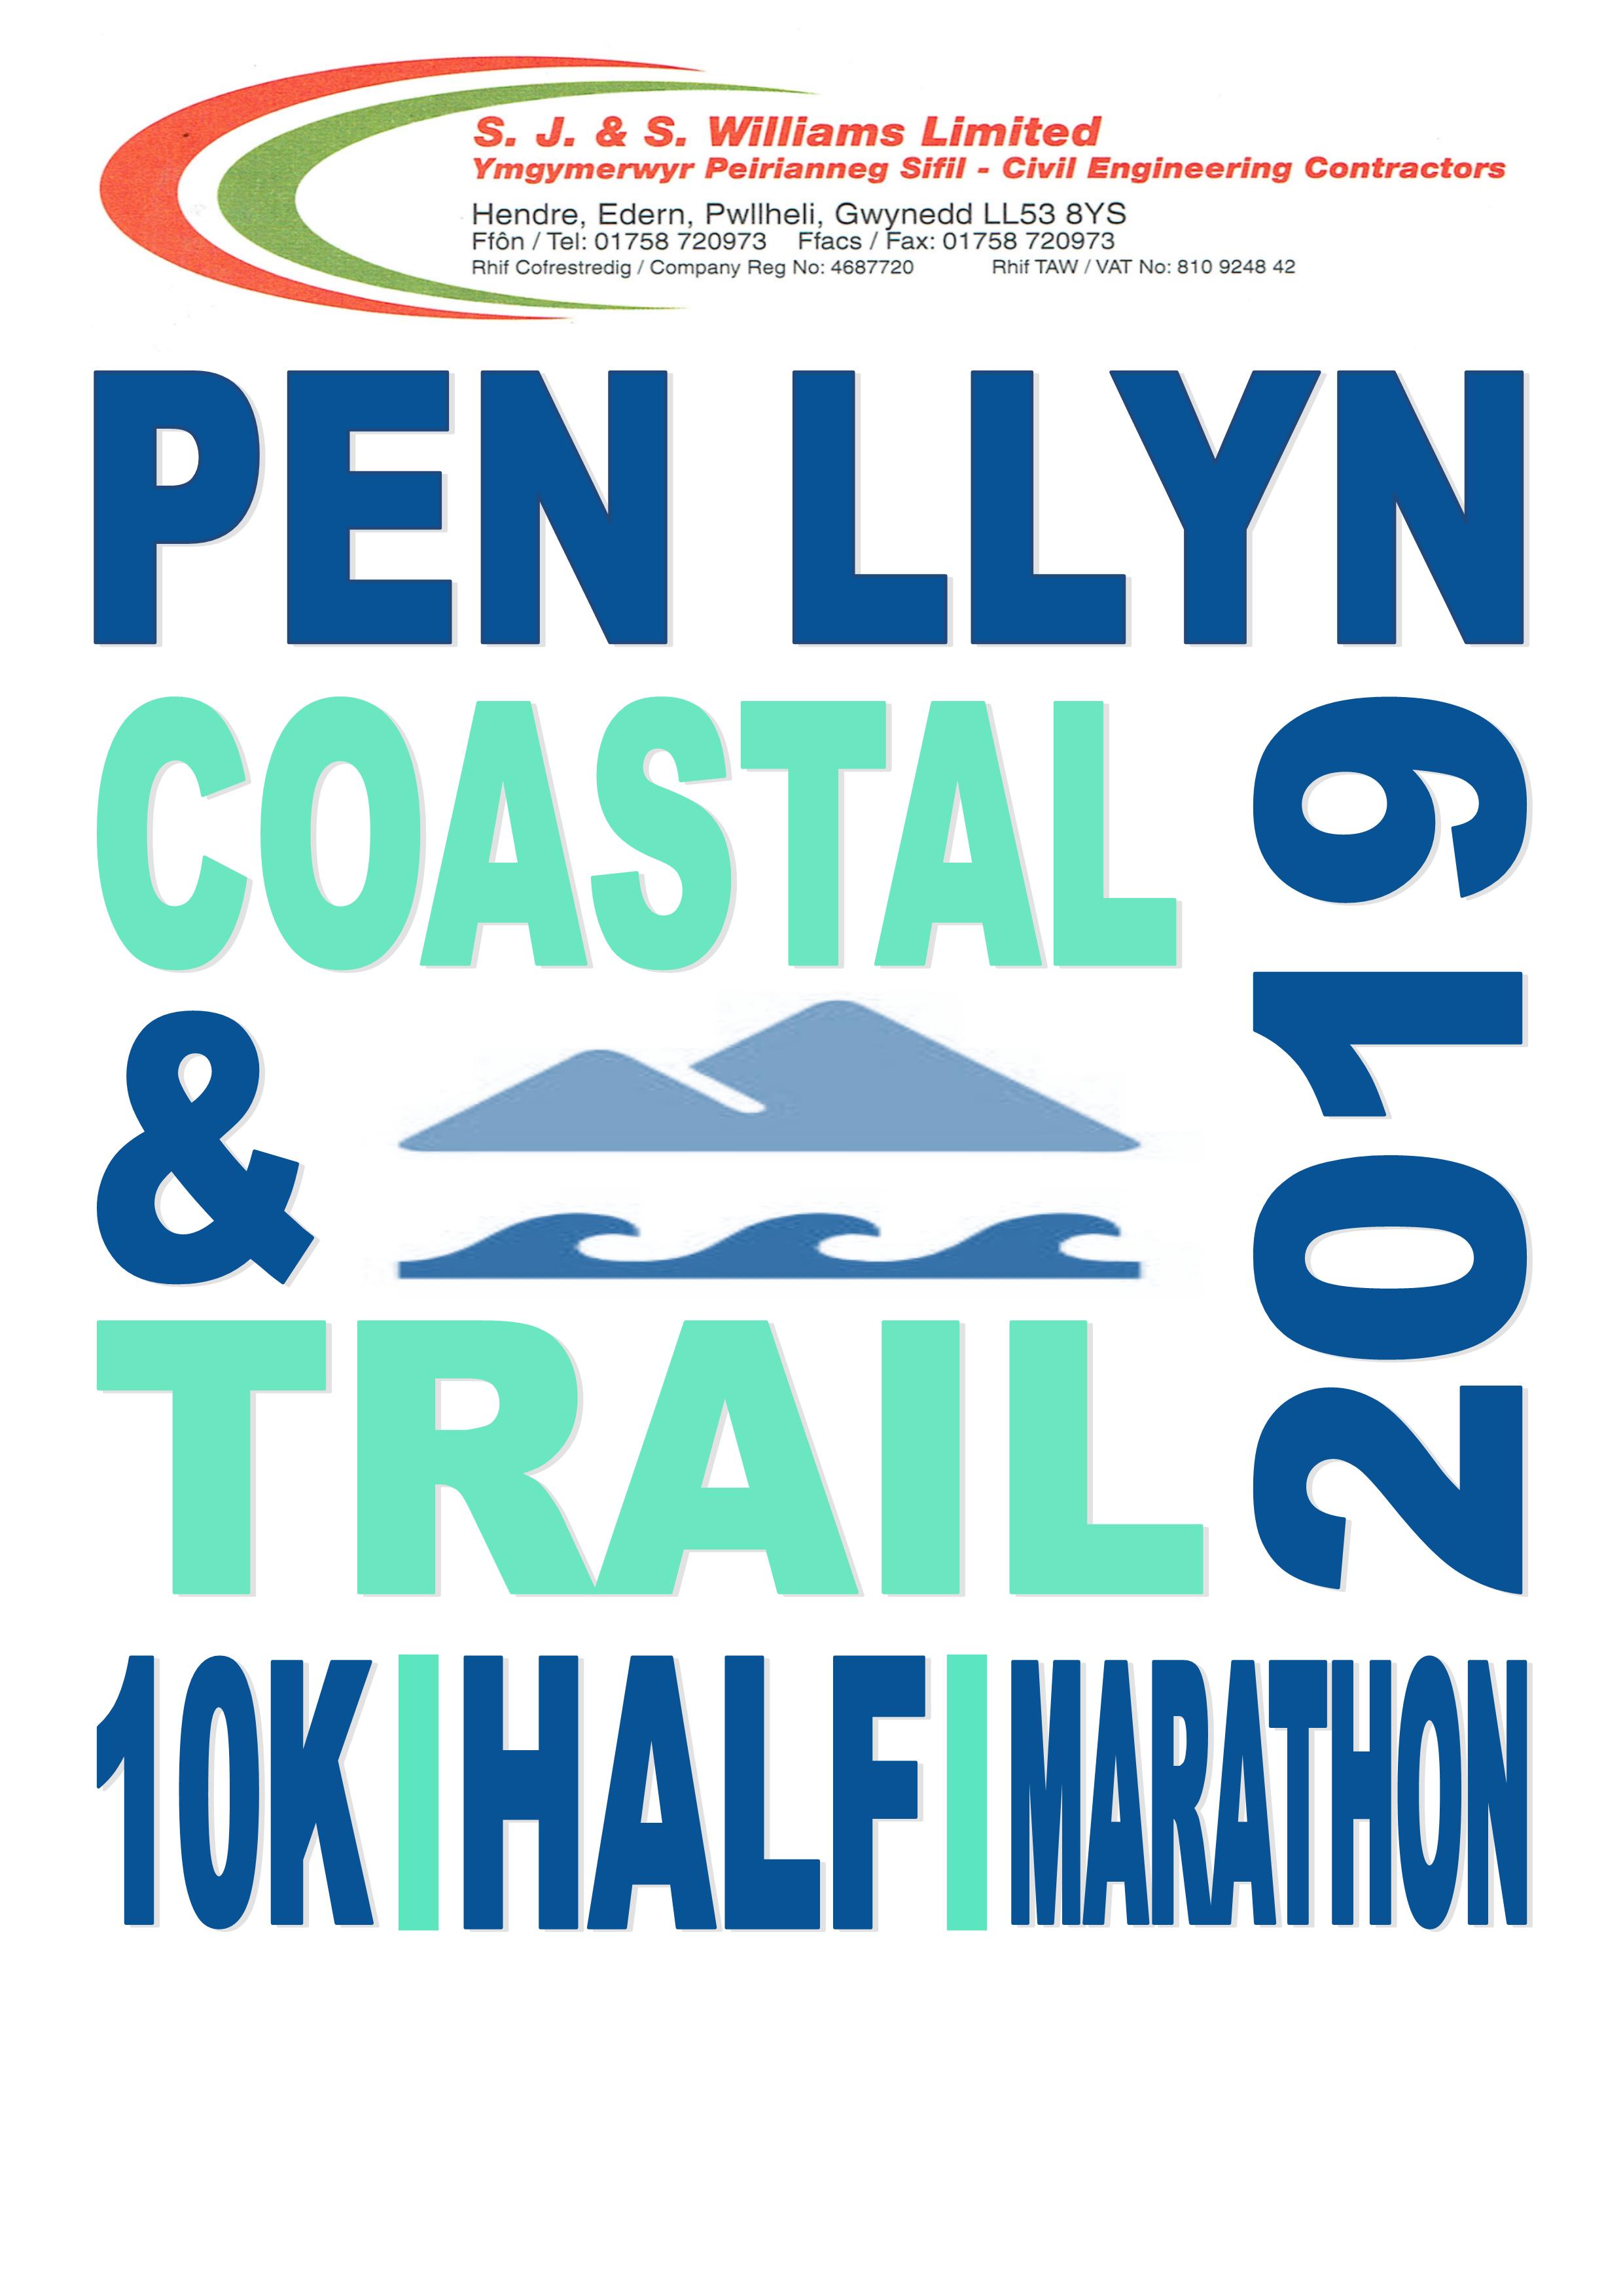 Pen Llŷn Coastal Trail Series